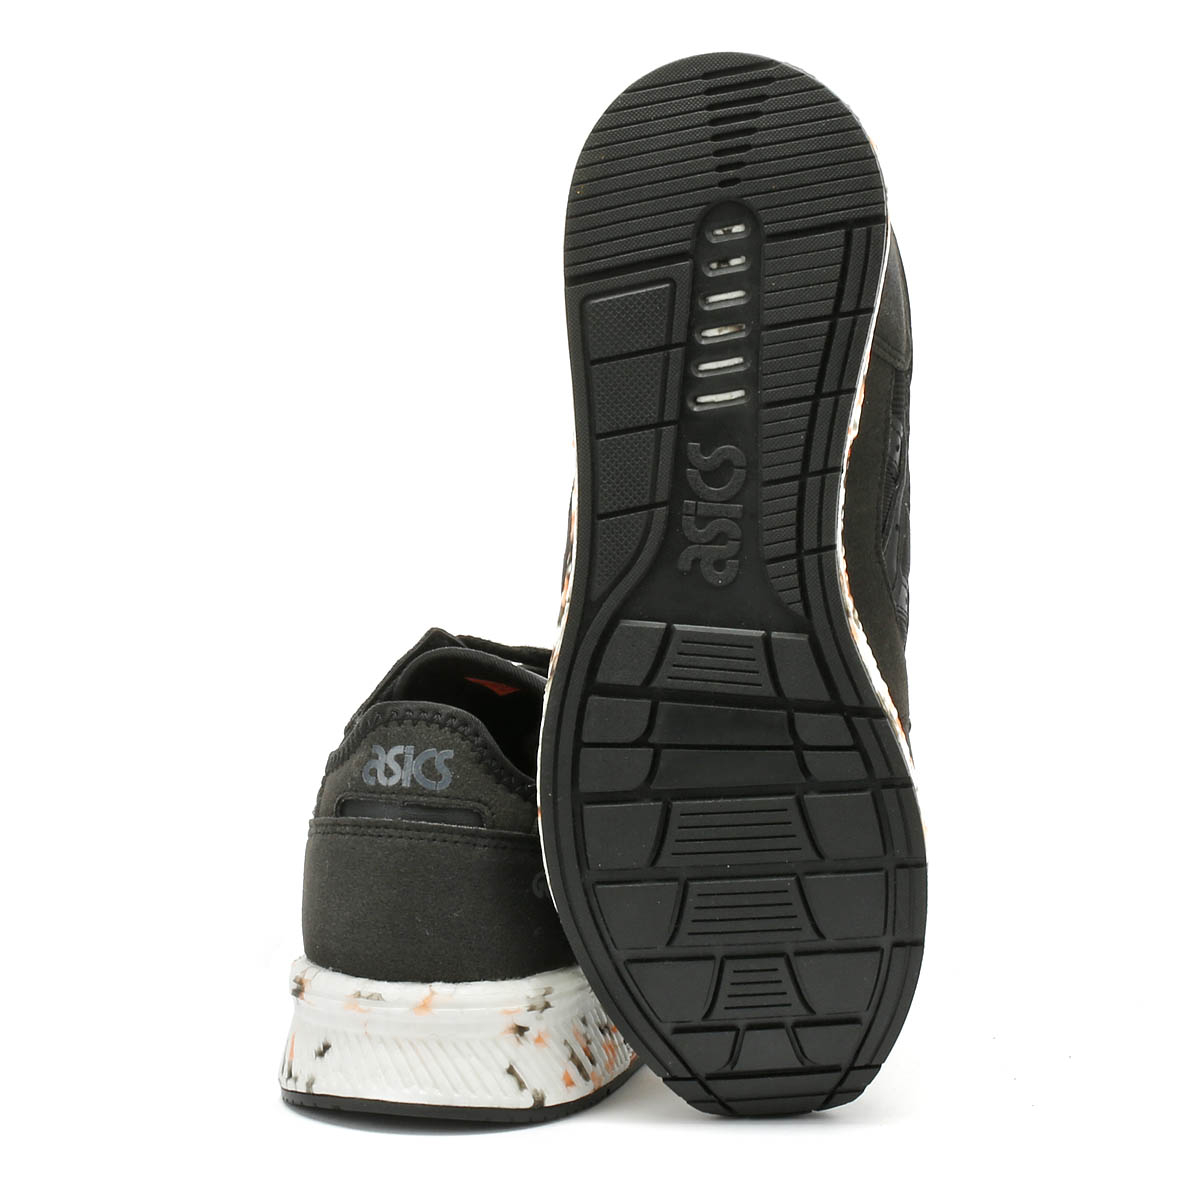 ASICS Hyper Gel-Lyte Loisirs Noir Unisexe Baskets Sport Chaussures De Loisirs Gel-Lyte 72064e